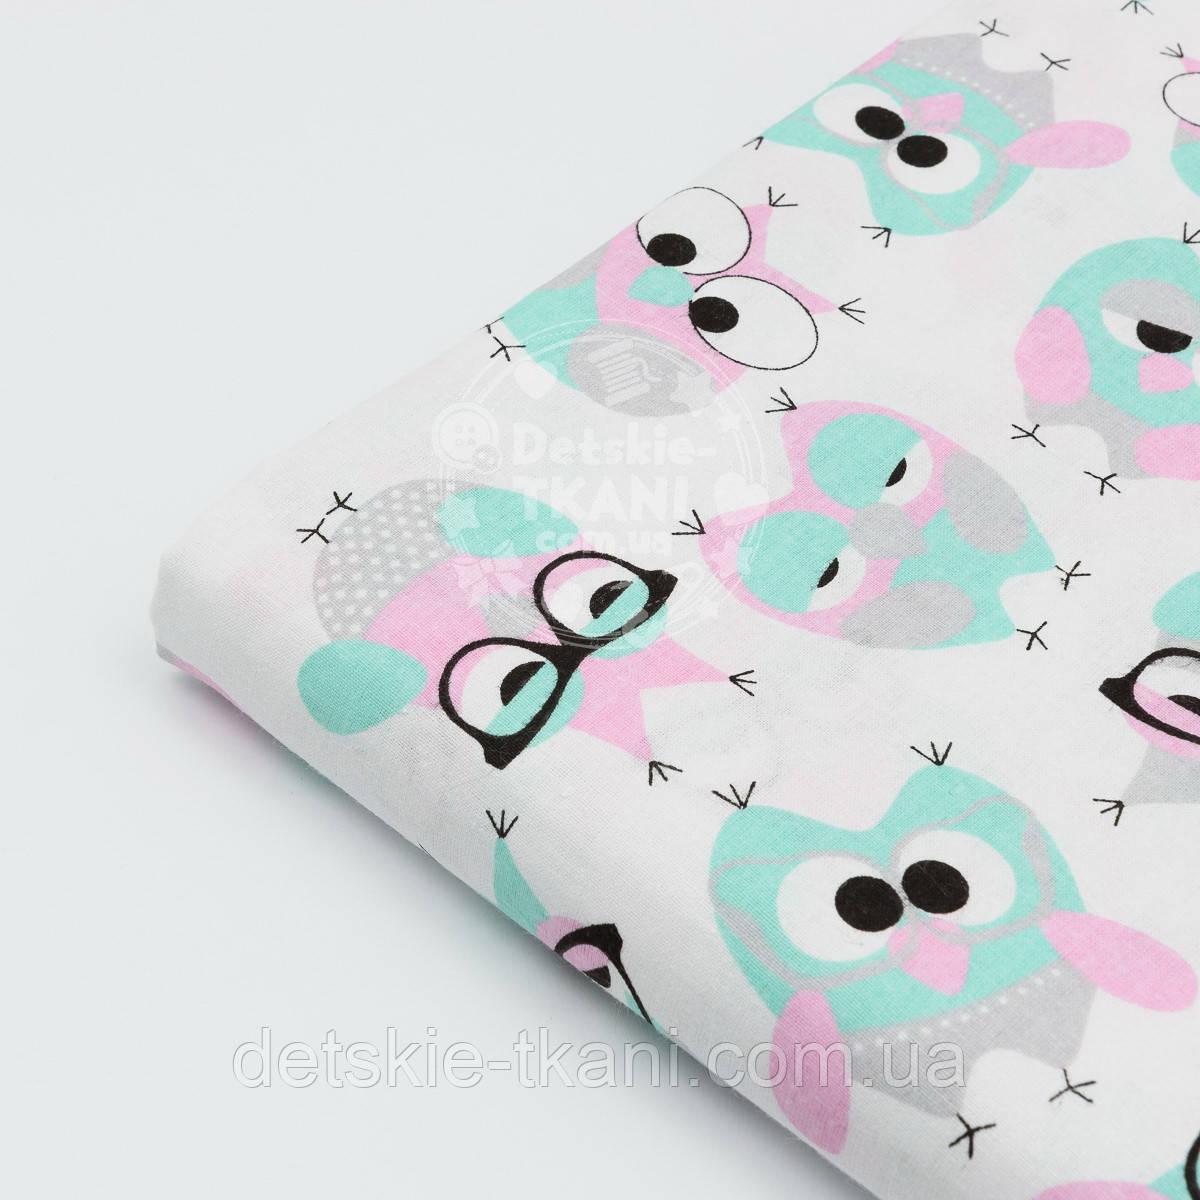 """Отрез ткани №1182 """"Совы мятно-розовые"""", фон ткани белый, размер 65*160"""